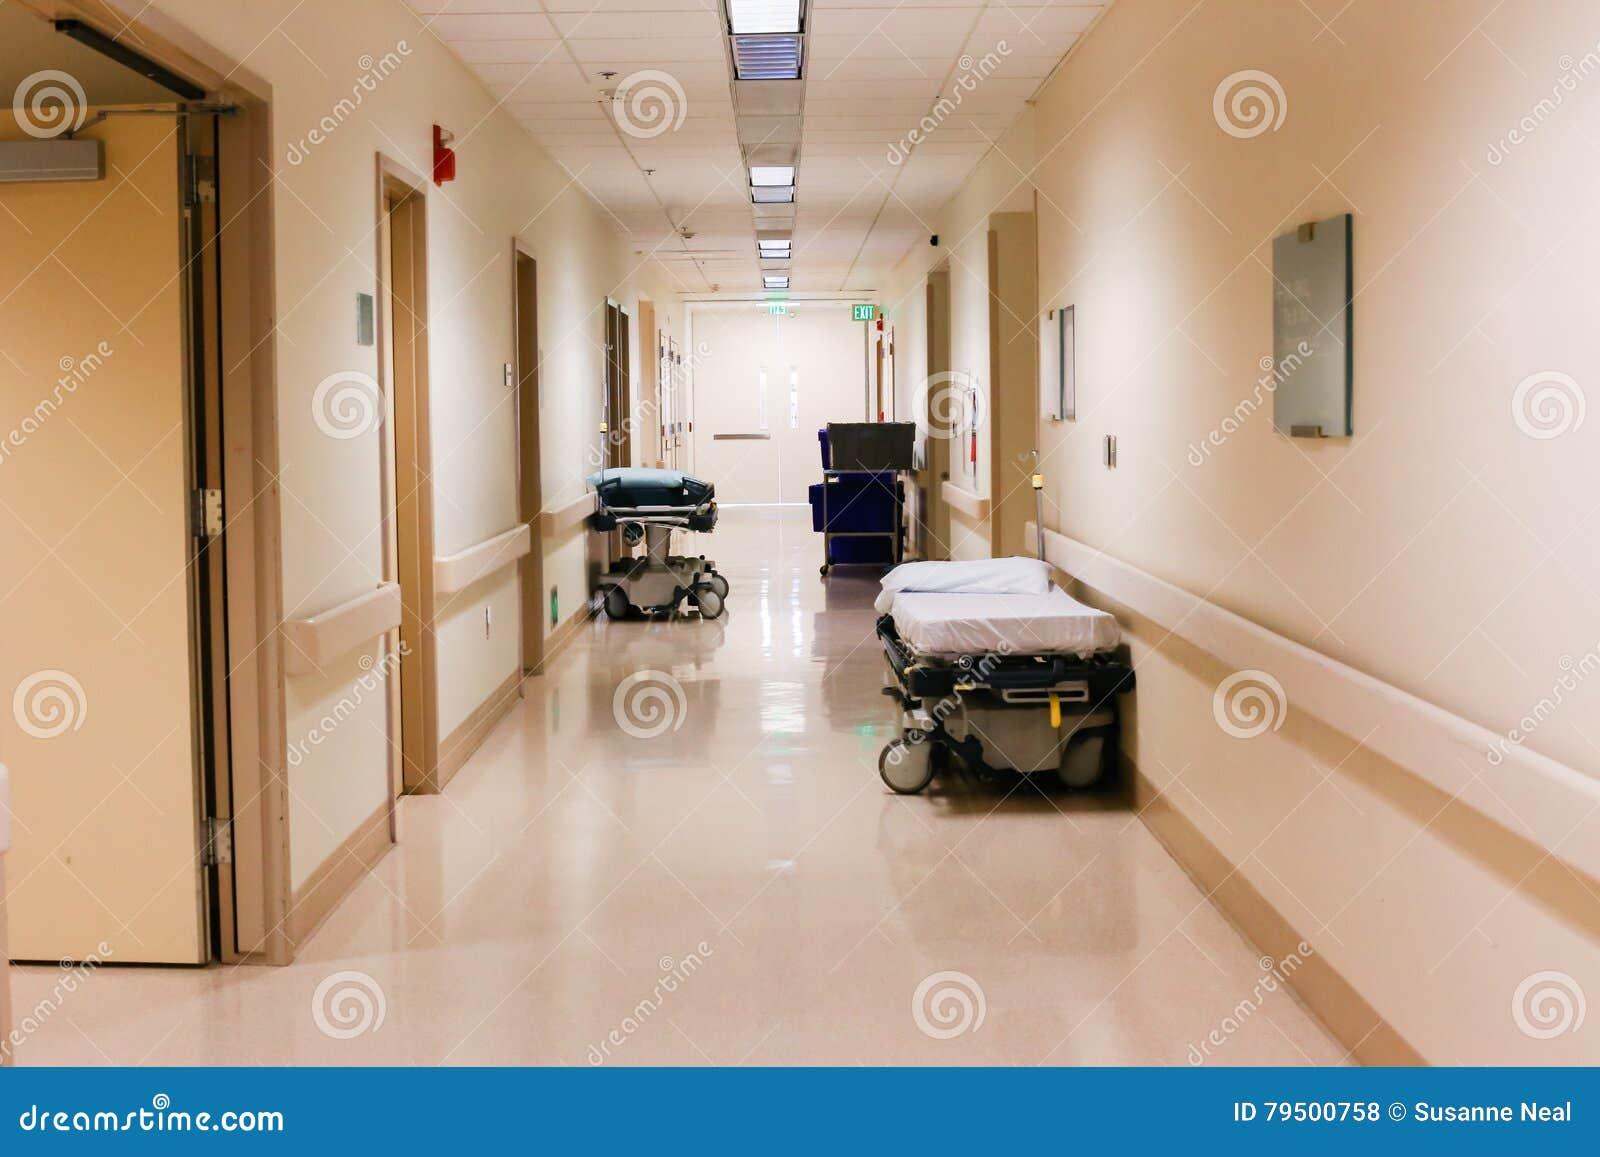 Corredor ou corredor no hospital ou na facilidade médica